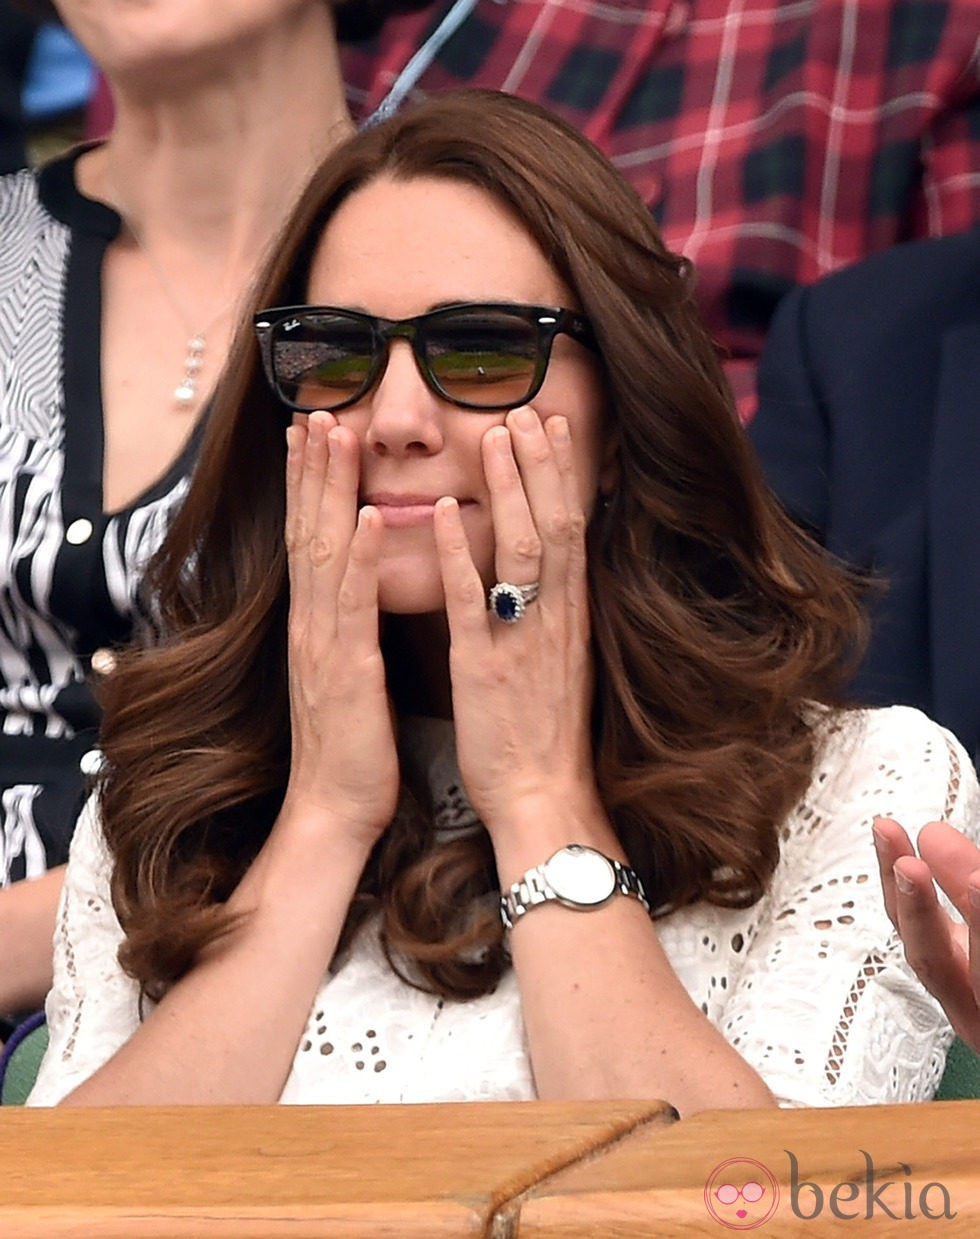 Kate Middleton se lleva las manos a la cara en el partido de Andy Murray en Wimbledon 2014